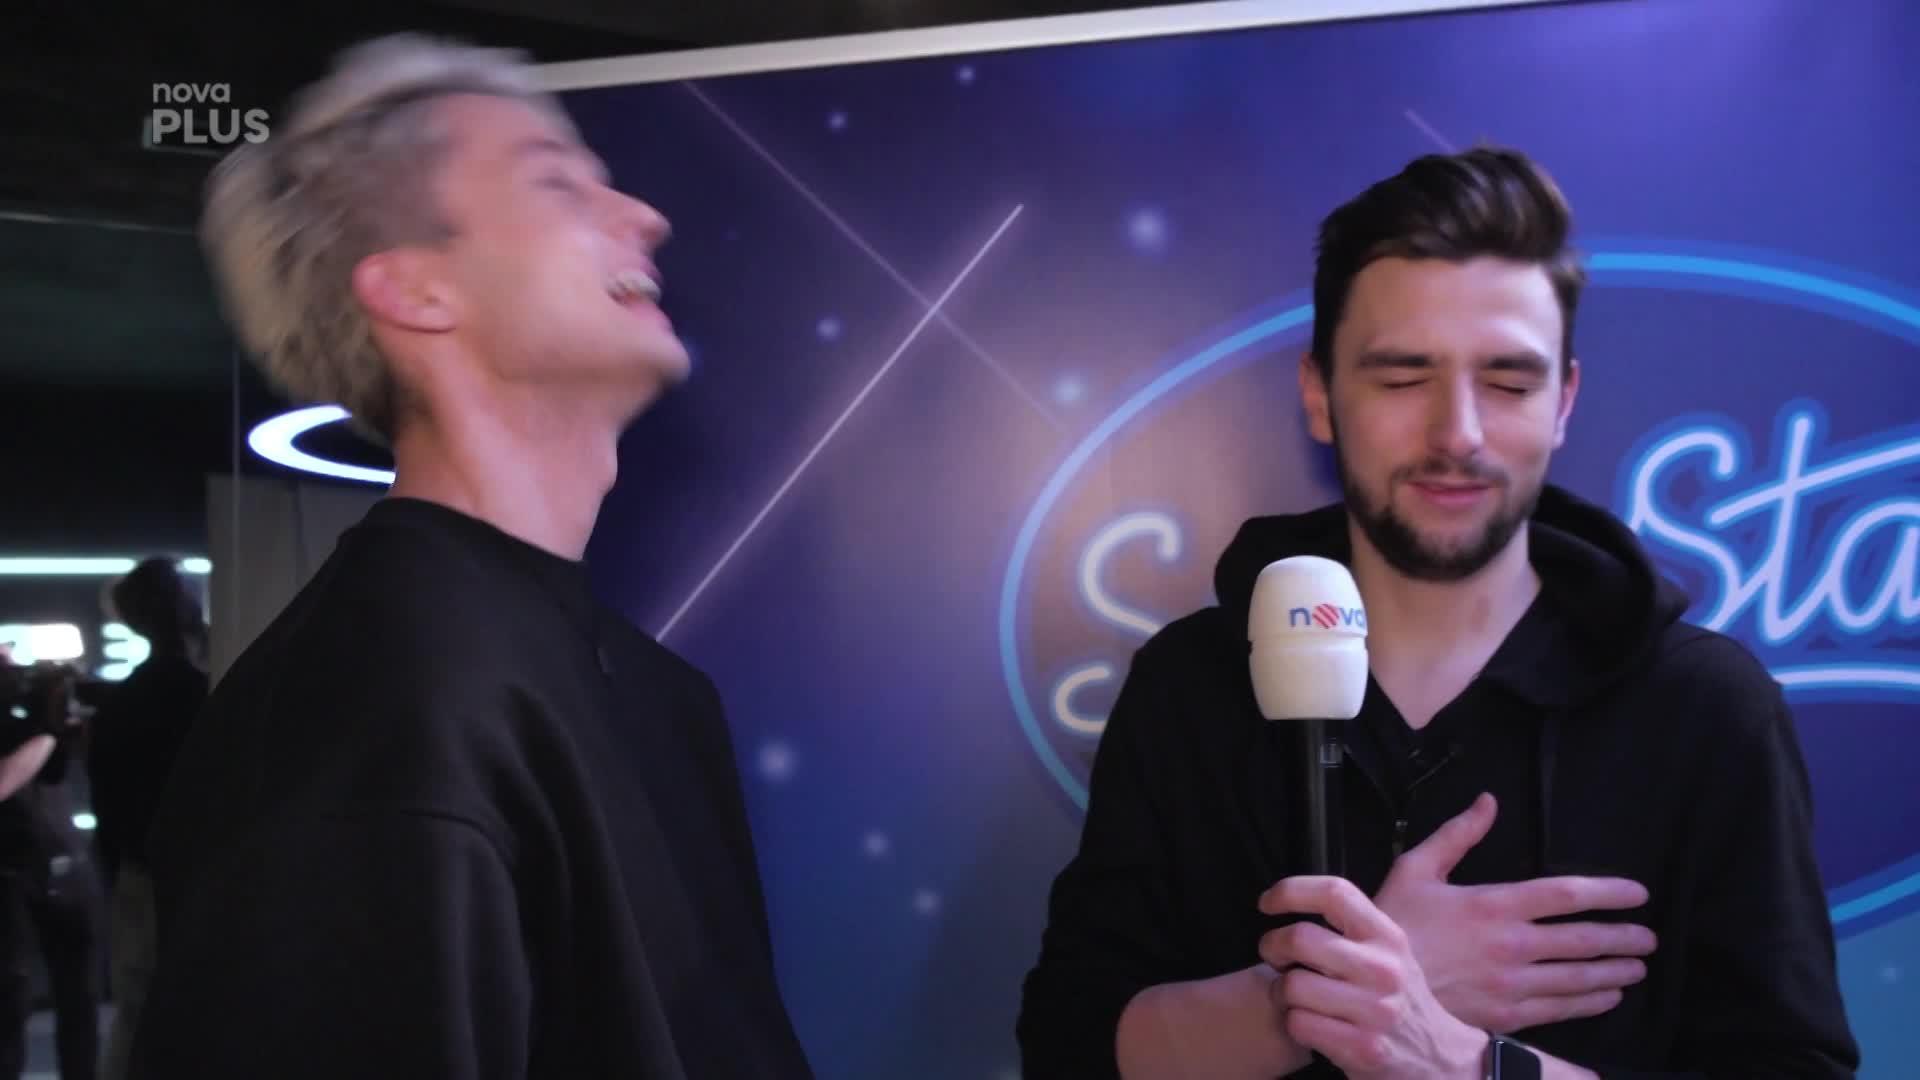 SuperStar Extra: Soutěžící v šoku! Co se jim stalo s hlasy těsně před vystoupením?